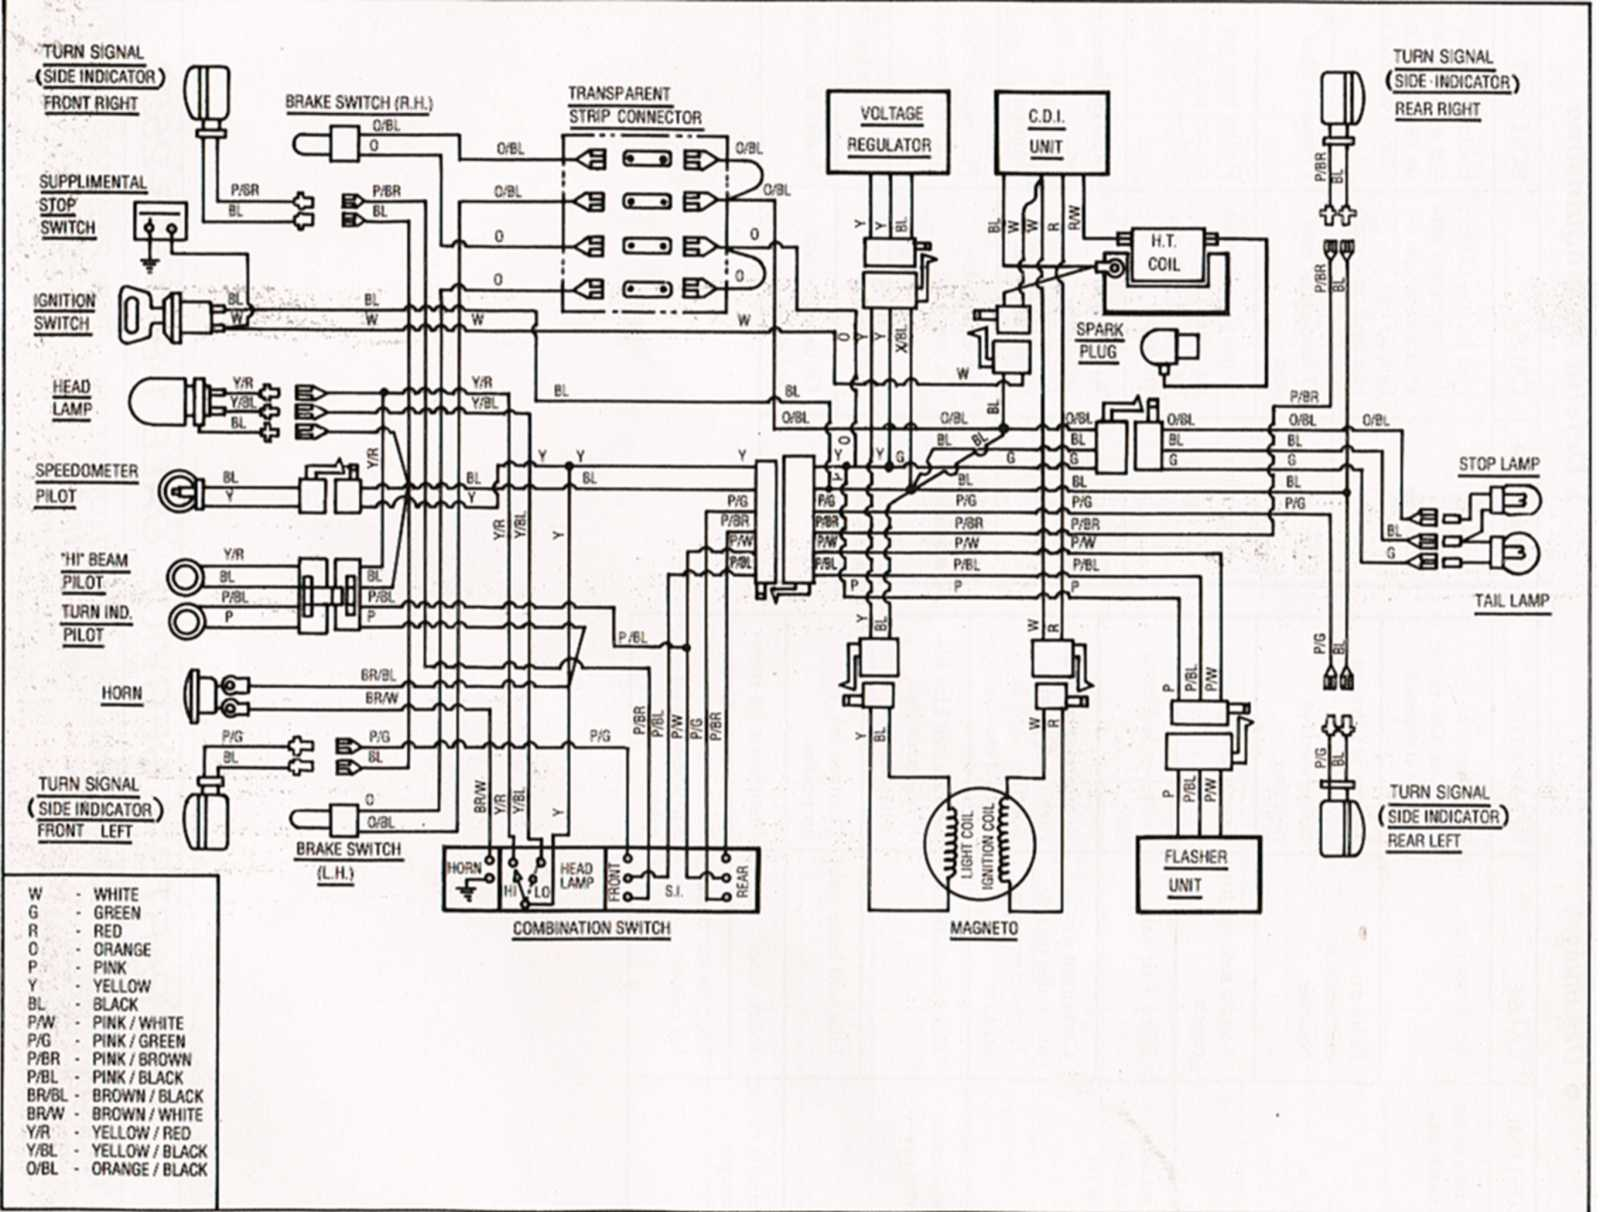 yamaha exciter 220 wiring diagram